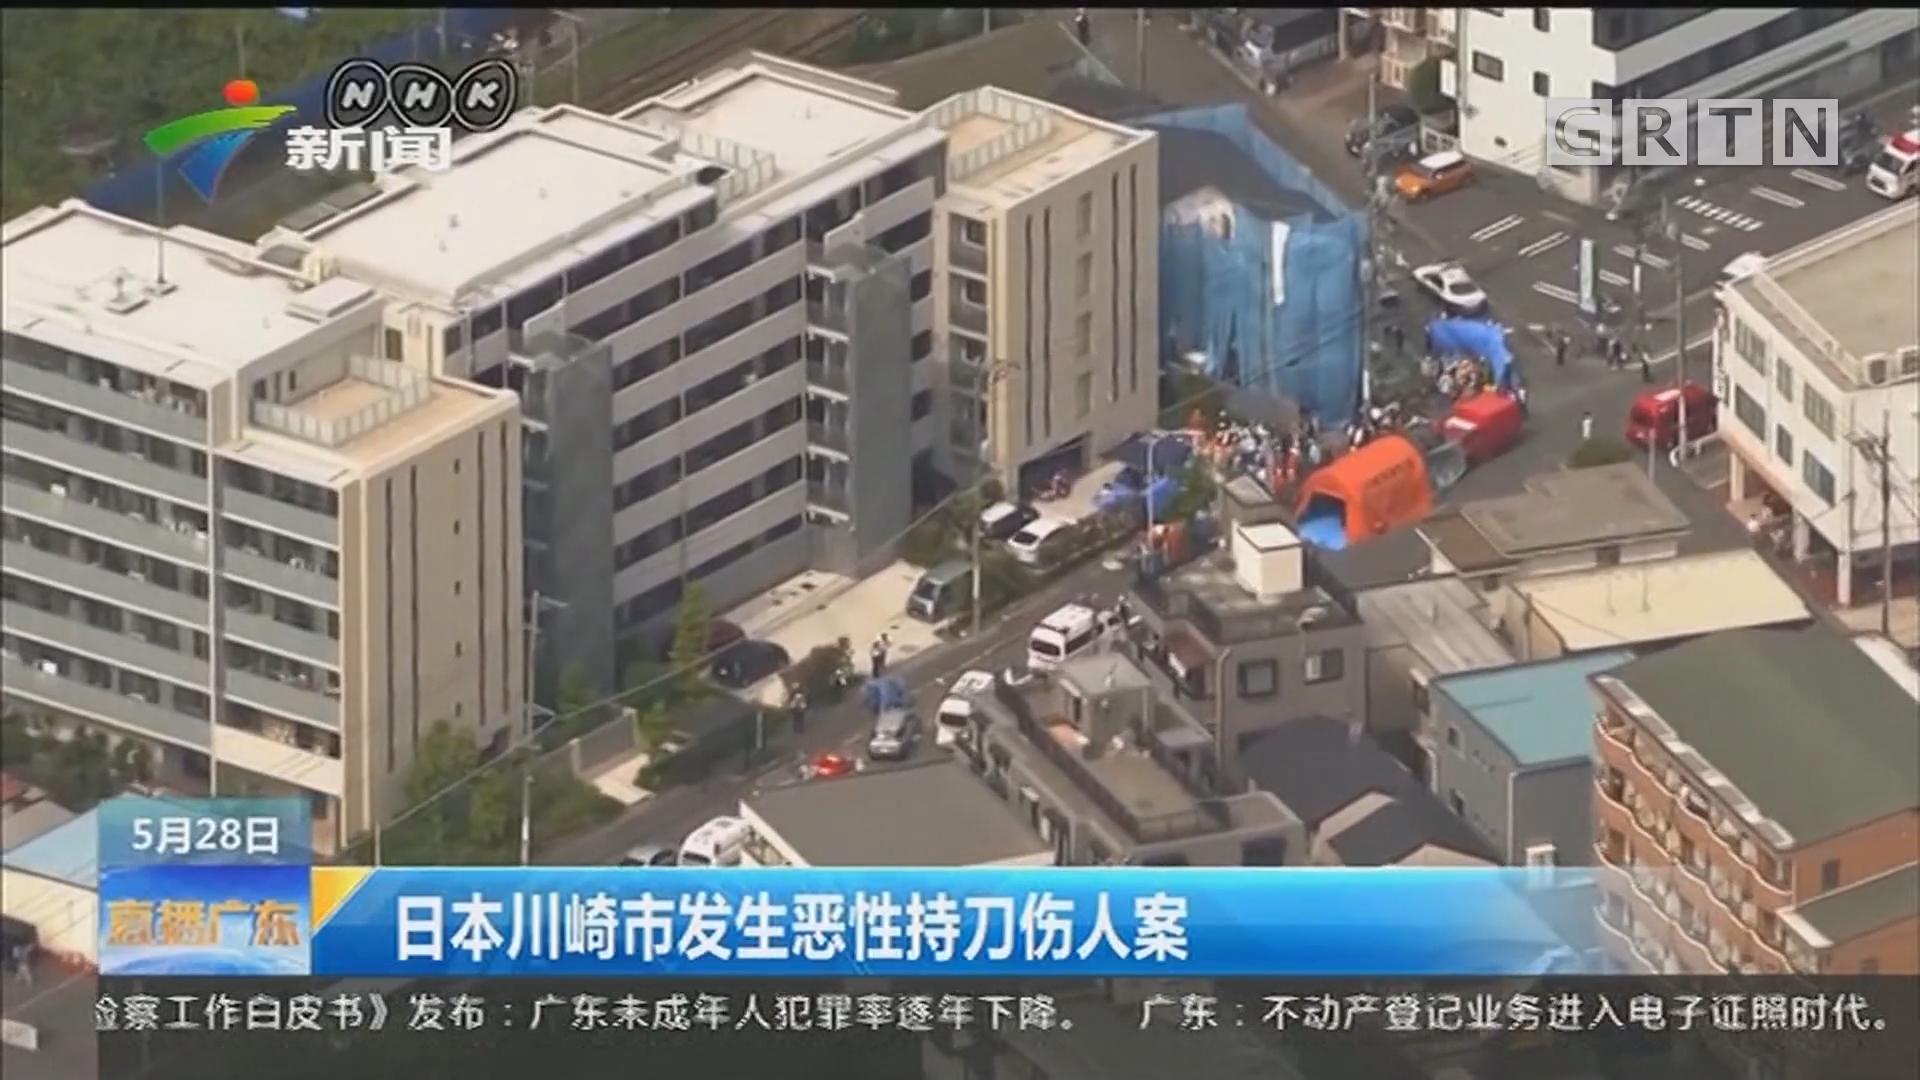 日本川崎市发生恶性持刀伤人案